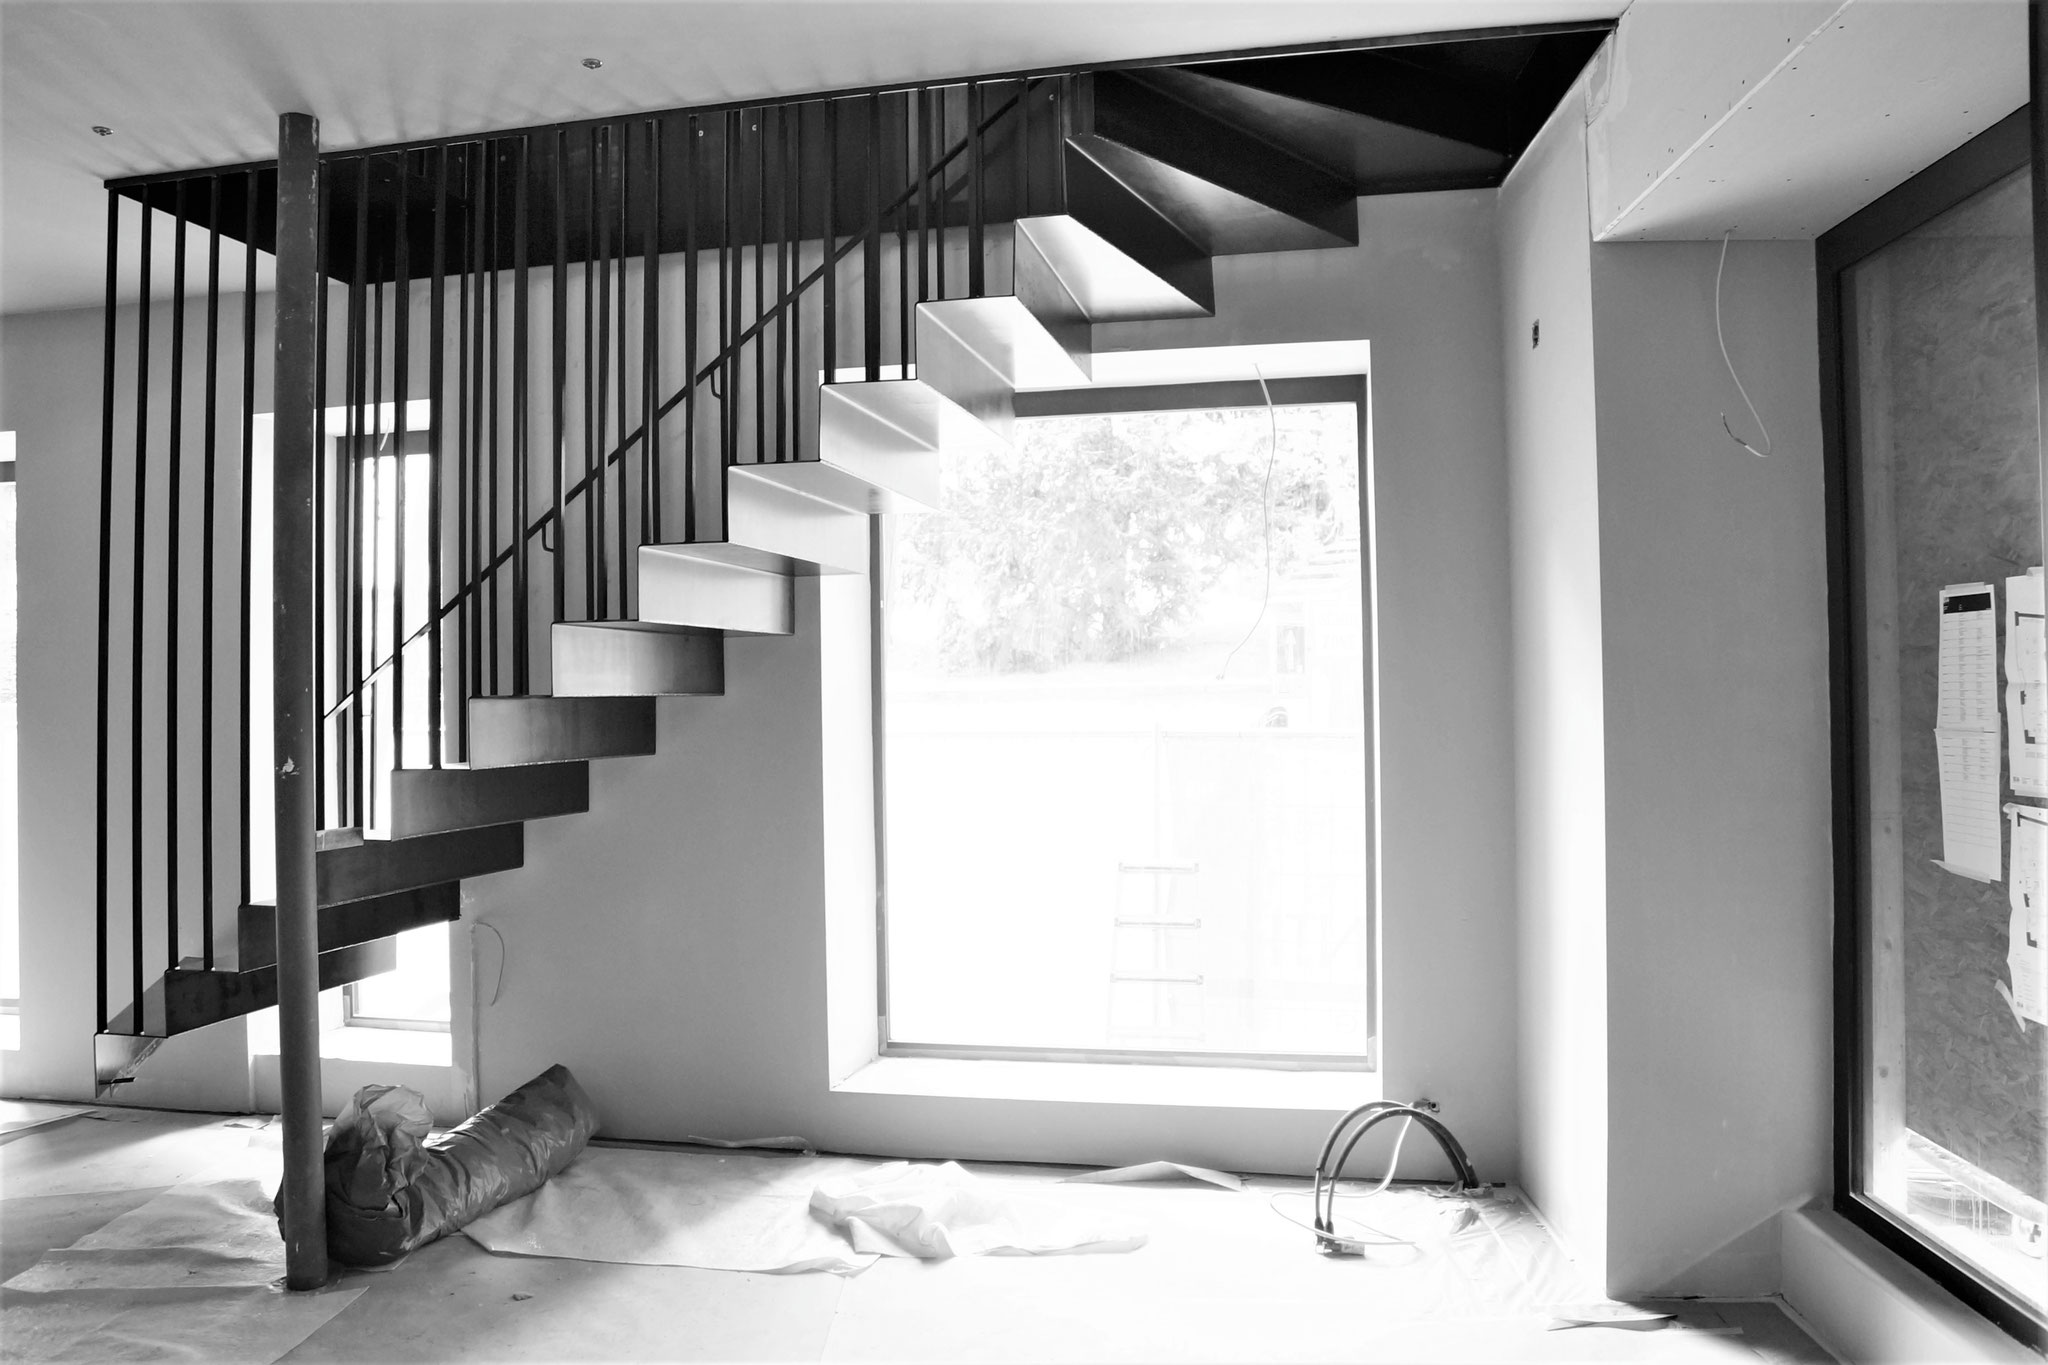 Schwebende Treppe in Ladenraum Luzern